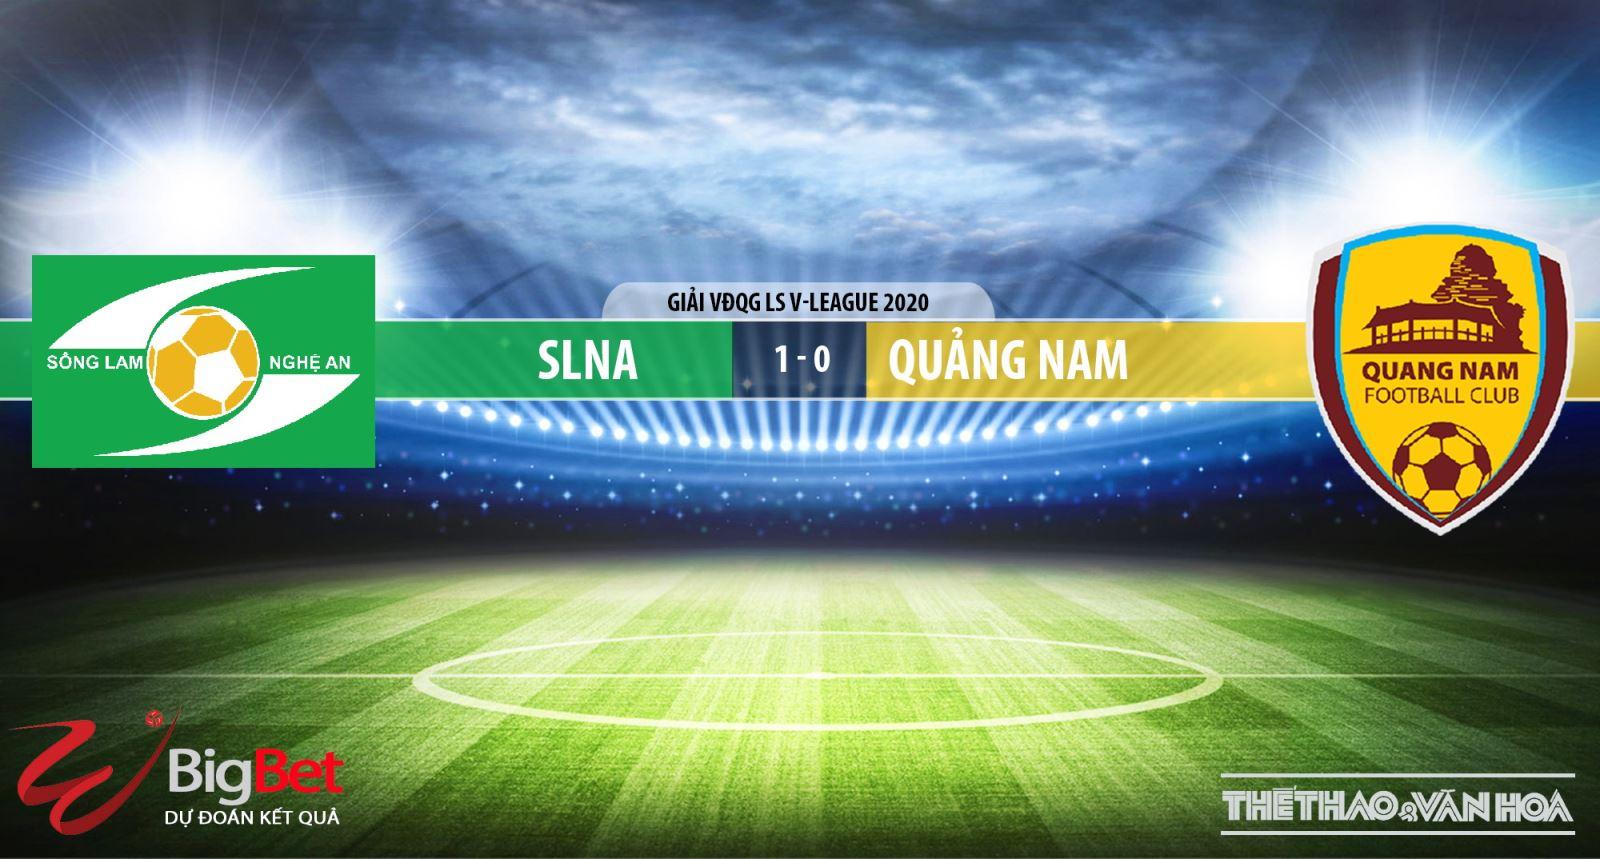 SLNAvs Quảng Nam, SLNA, Quảng Nam, bóng đá, soi kèo bóng đá, soi kèo SLNAvs Quảng Nam, trực tiếp SLNAvs Quảng Nam, nhận định SLNAvs Quảng Nam